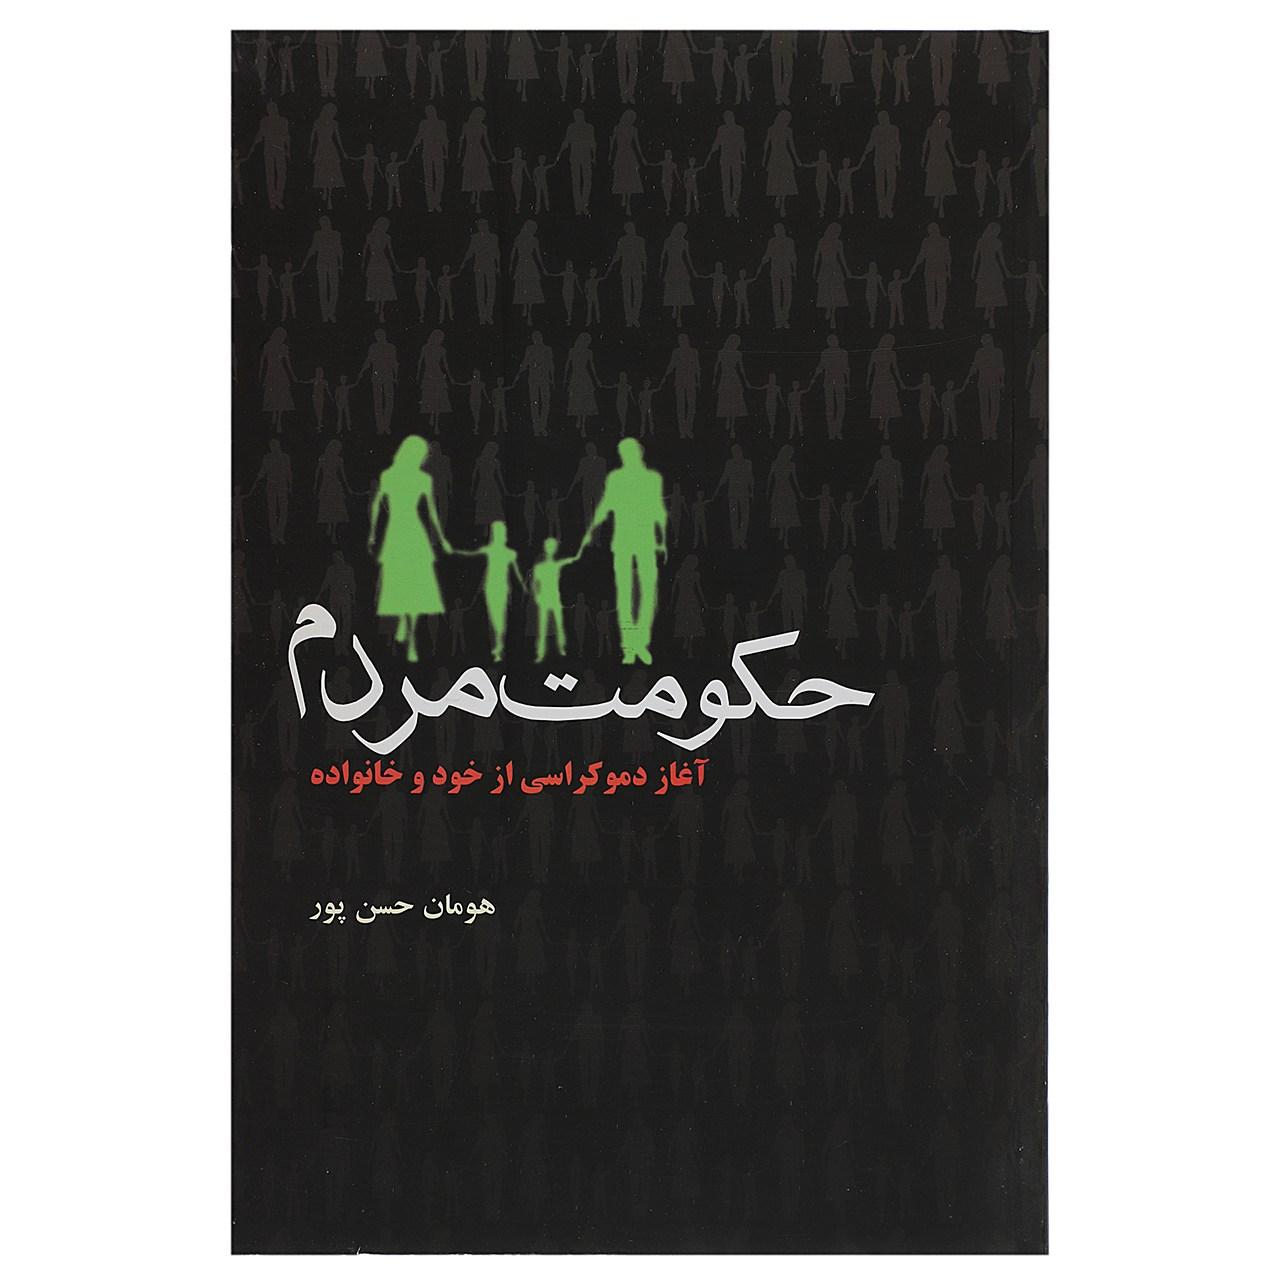 کتاب حکومت مردم آغاز دموکراسی از خود و خانواده اثر هومان حسن پور